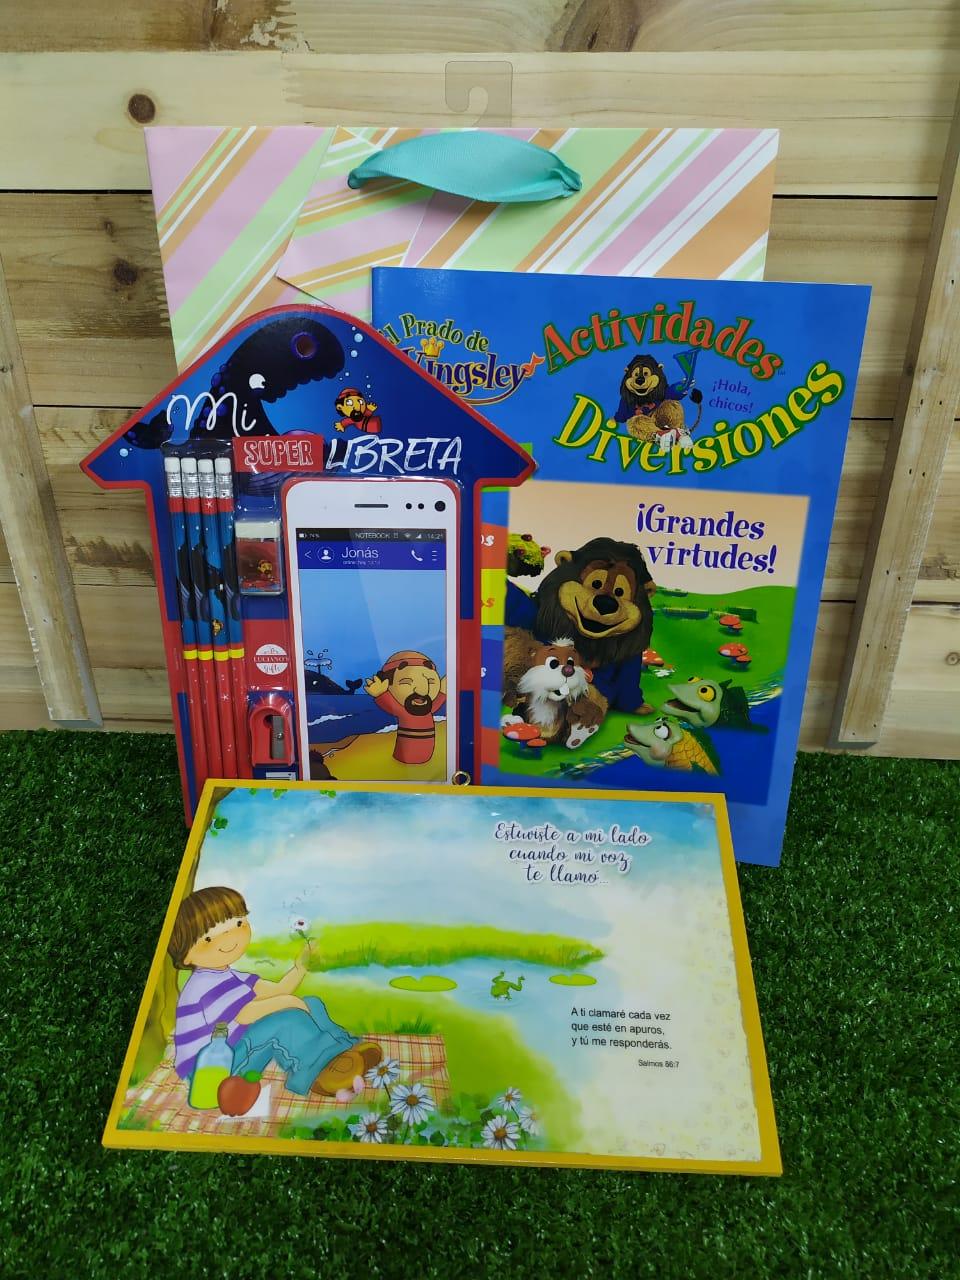 Mi Super Libreta Niño + Cuadro de Madera + Libro para Colorear Grandes Virtudes + Funda de regalo grande